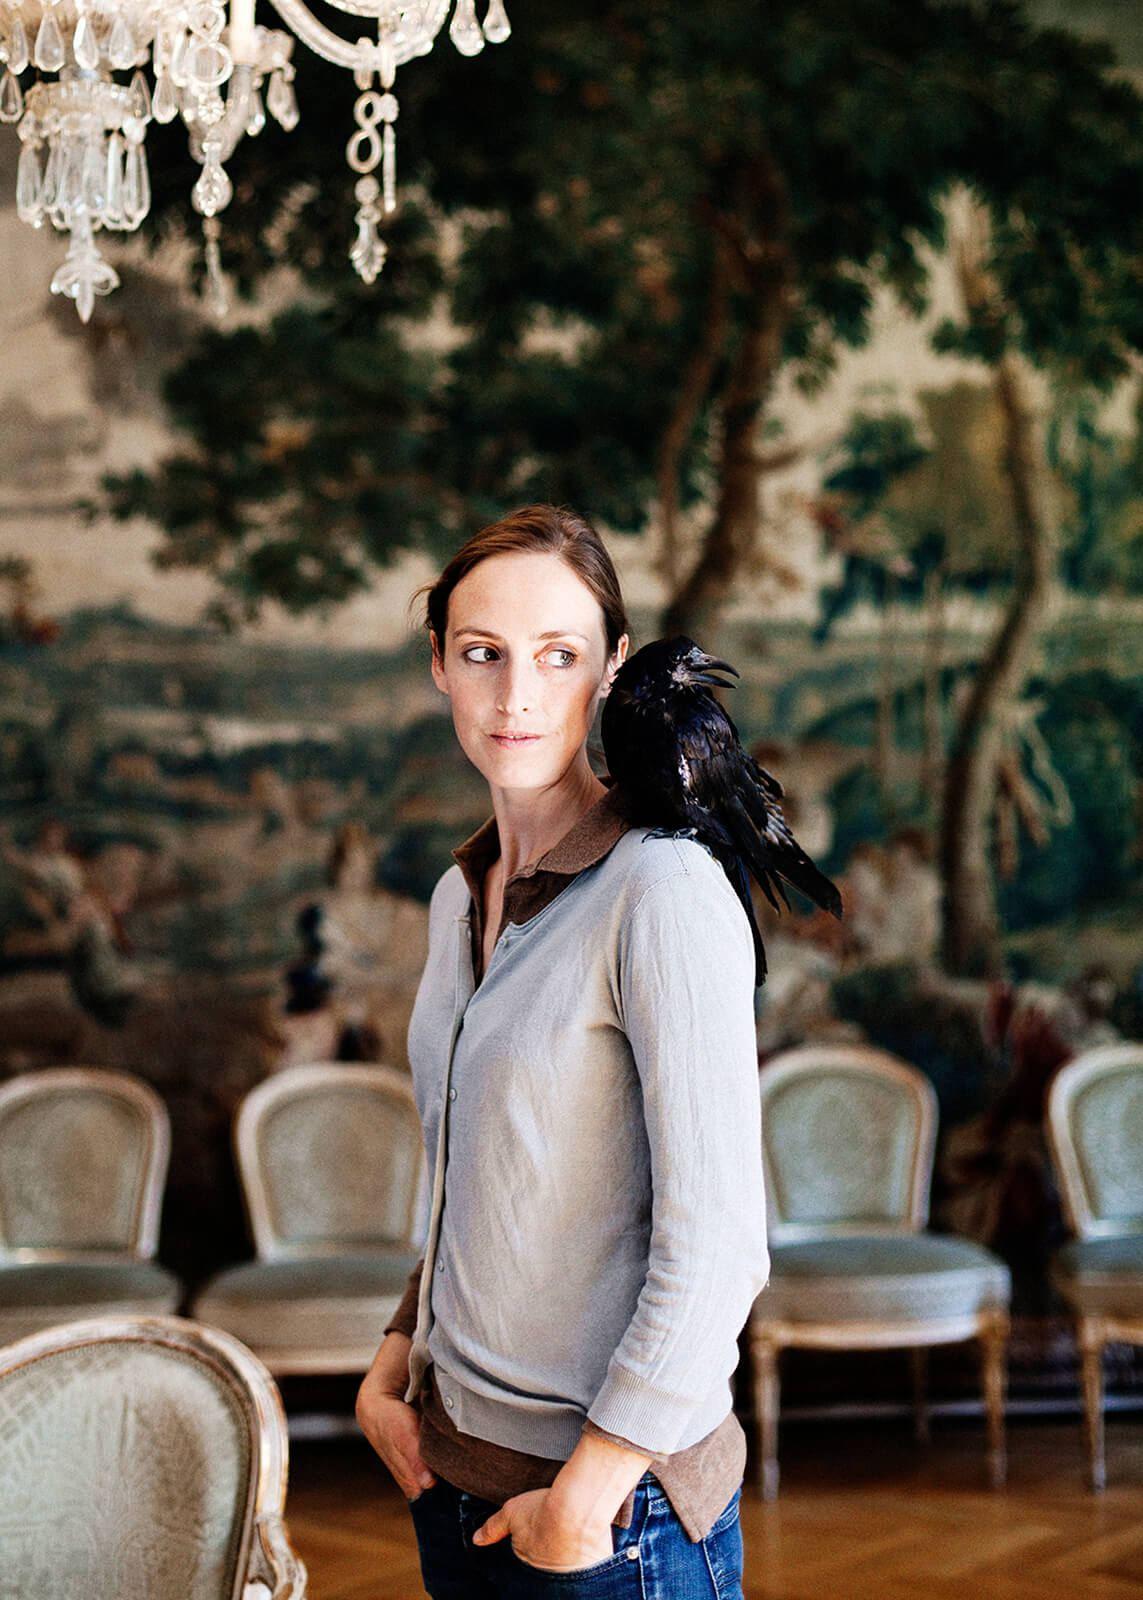 09 Prinzessin Auguste Von Bayern 01 –